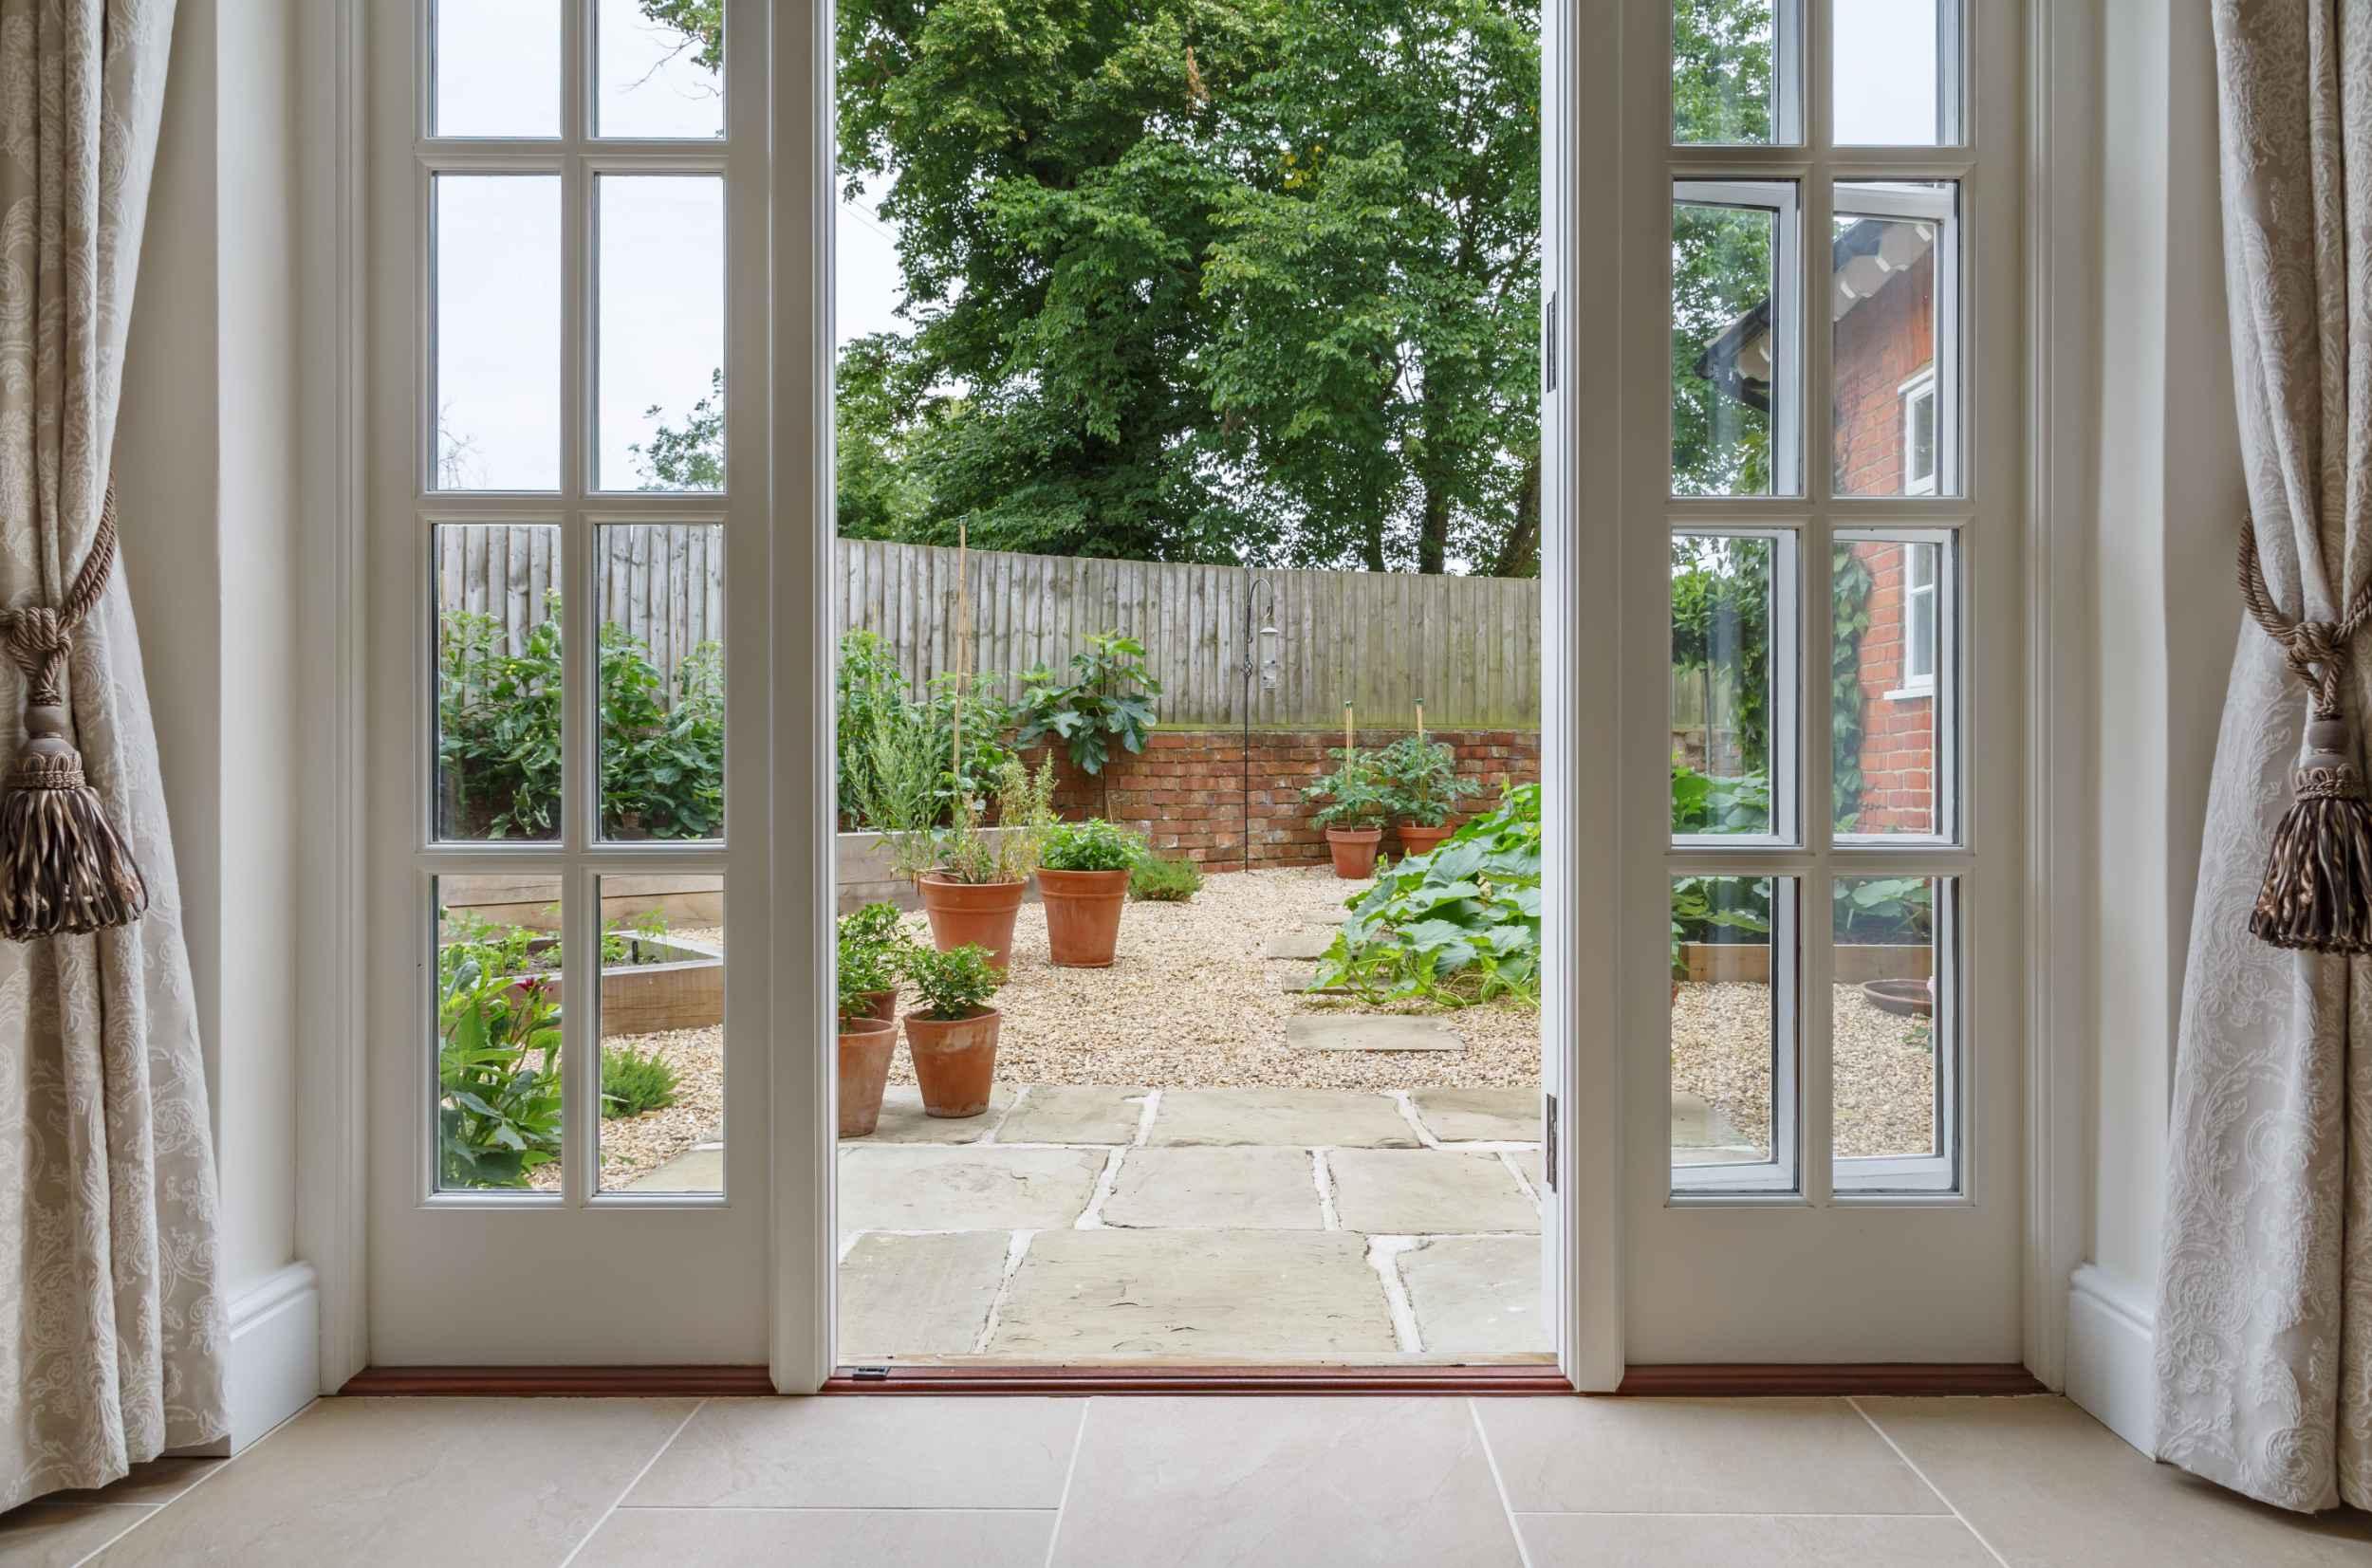 Blick in den Garten durch ein offenes Fenster